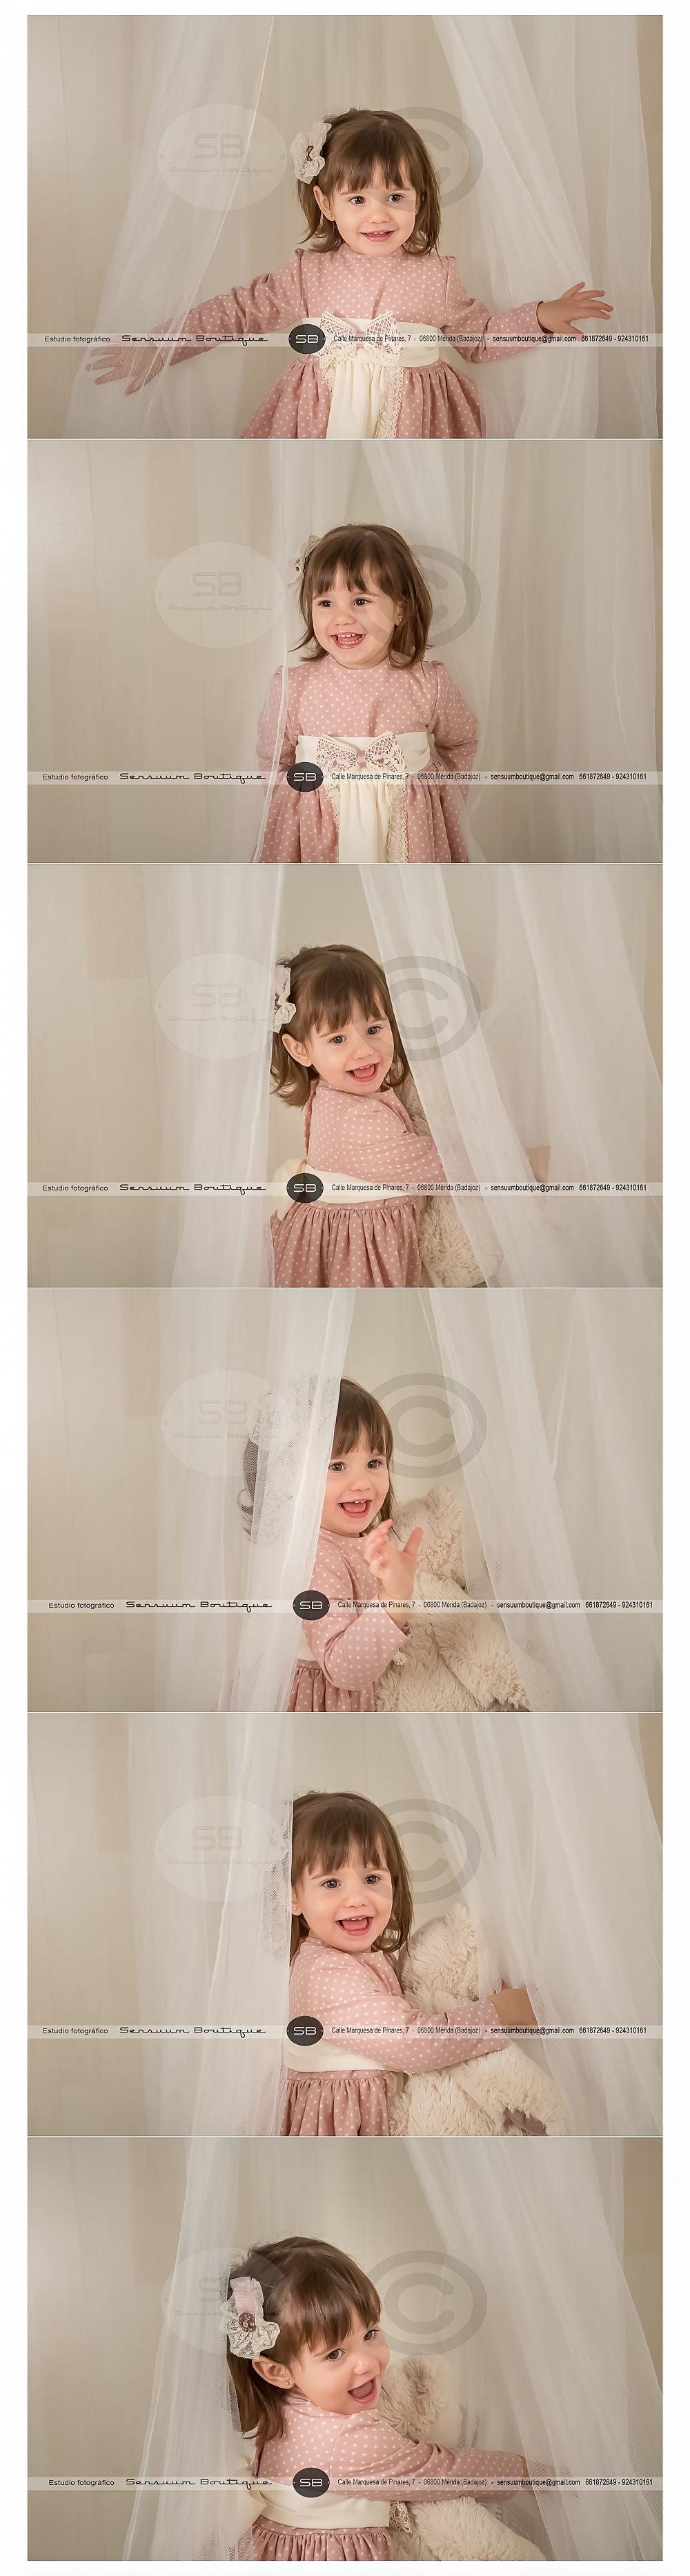 #Emma #divertida. #SensuumBoutique © fotografos infanitl Merida Badajoz Caceres…